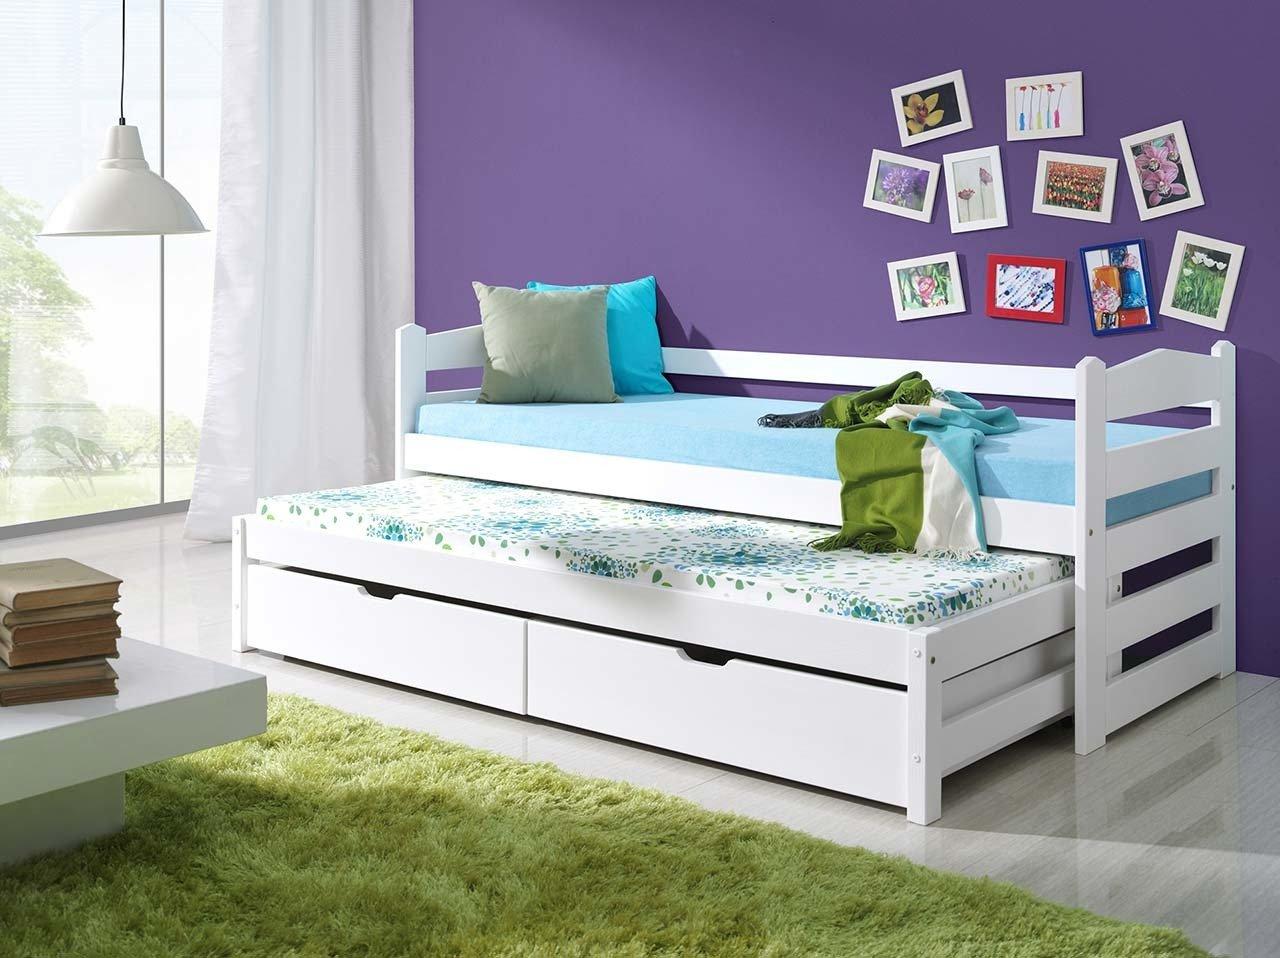 łóżko Podwójne Mili Do Pokoju Młodzieżowego Lub Dziecka Z Materacem